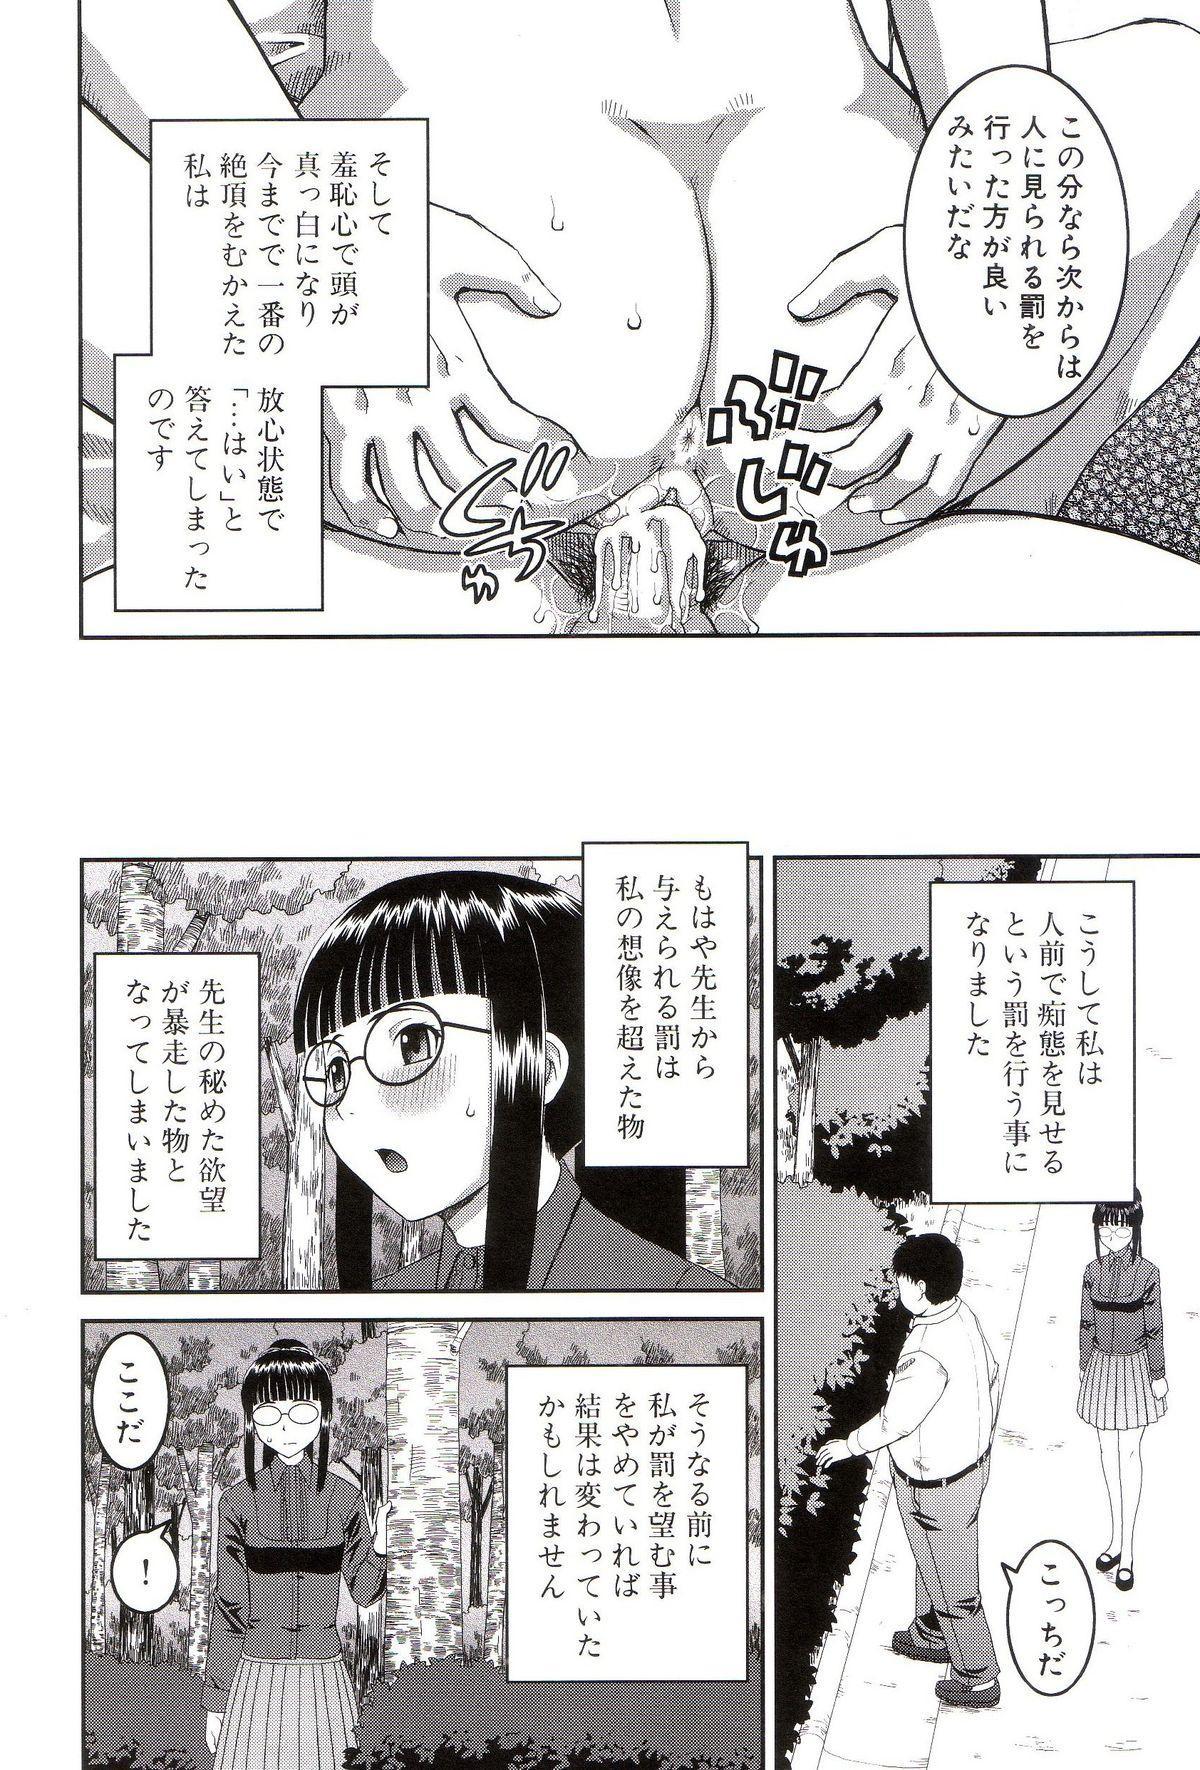 Roshutsukyou Hentai Hakusho 54